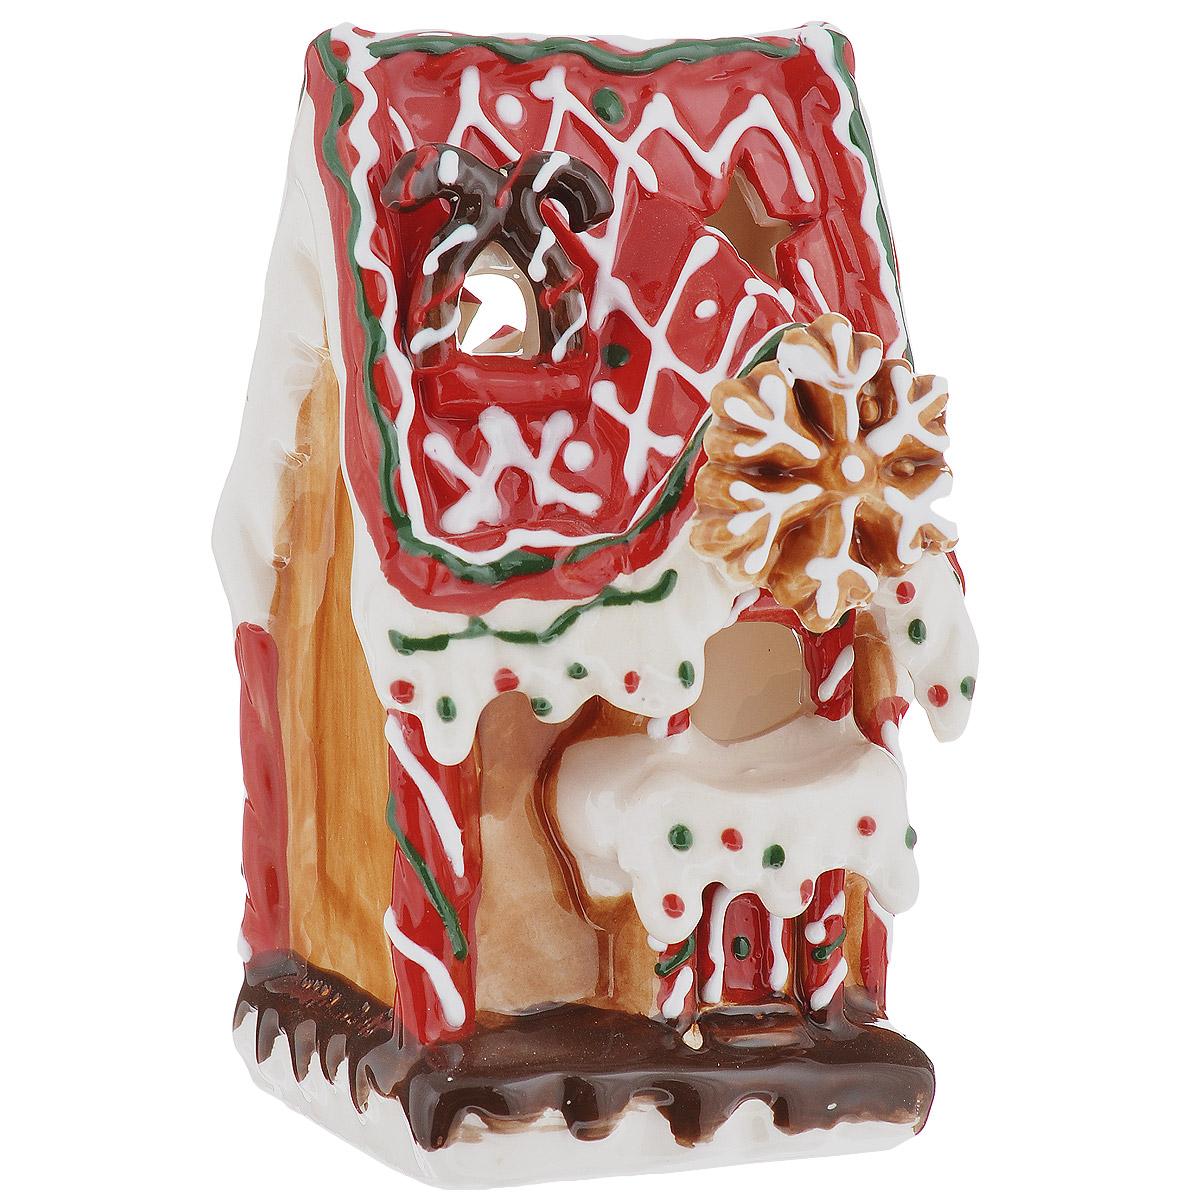 Новогодний декоративный подсвечник House & Holder Домик, цвет: коричневыйDP-B83-131016-4D/CНовогодний подсвечник House & Holder Домик, выполненный из керамики, украсит интерьер вашего дома или офиса в преддверии Нового года. Оригинальный дизайн и красочное исполнение создадут праздничное настроение. Подсвечник выполнен в виде пряничного домика и декорирован перфорацией в форме звездочек. Вы можете поставить подсвечник в любом месте, где он будет удачно смотреться, и радовать глаз. Кроме того - это отличный вариант подарка для ваших близких и друзей.